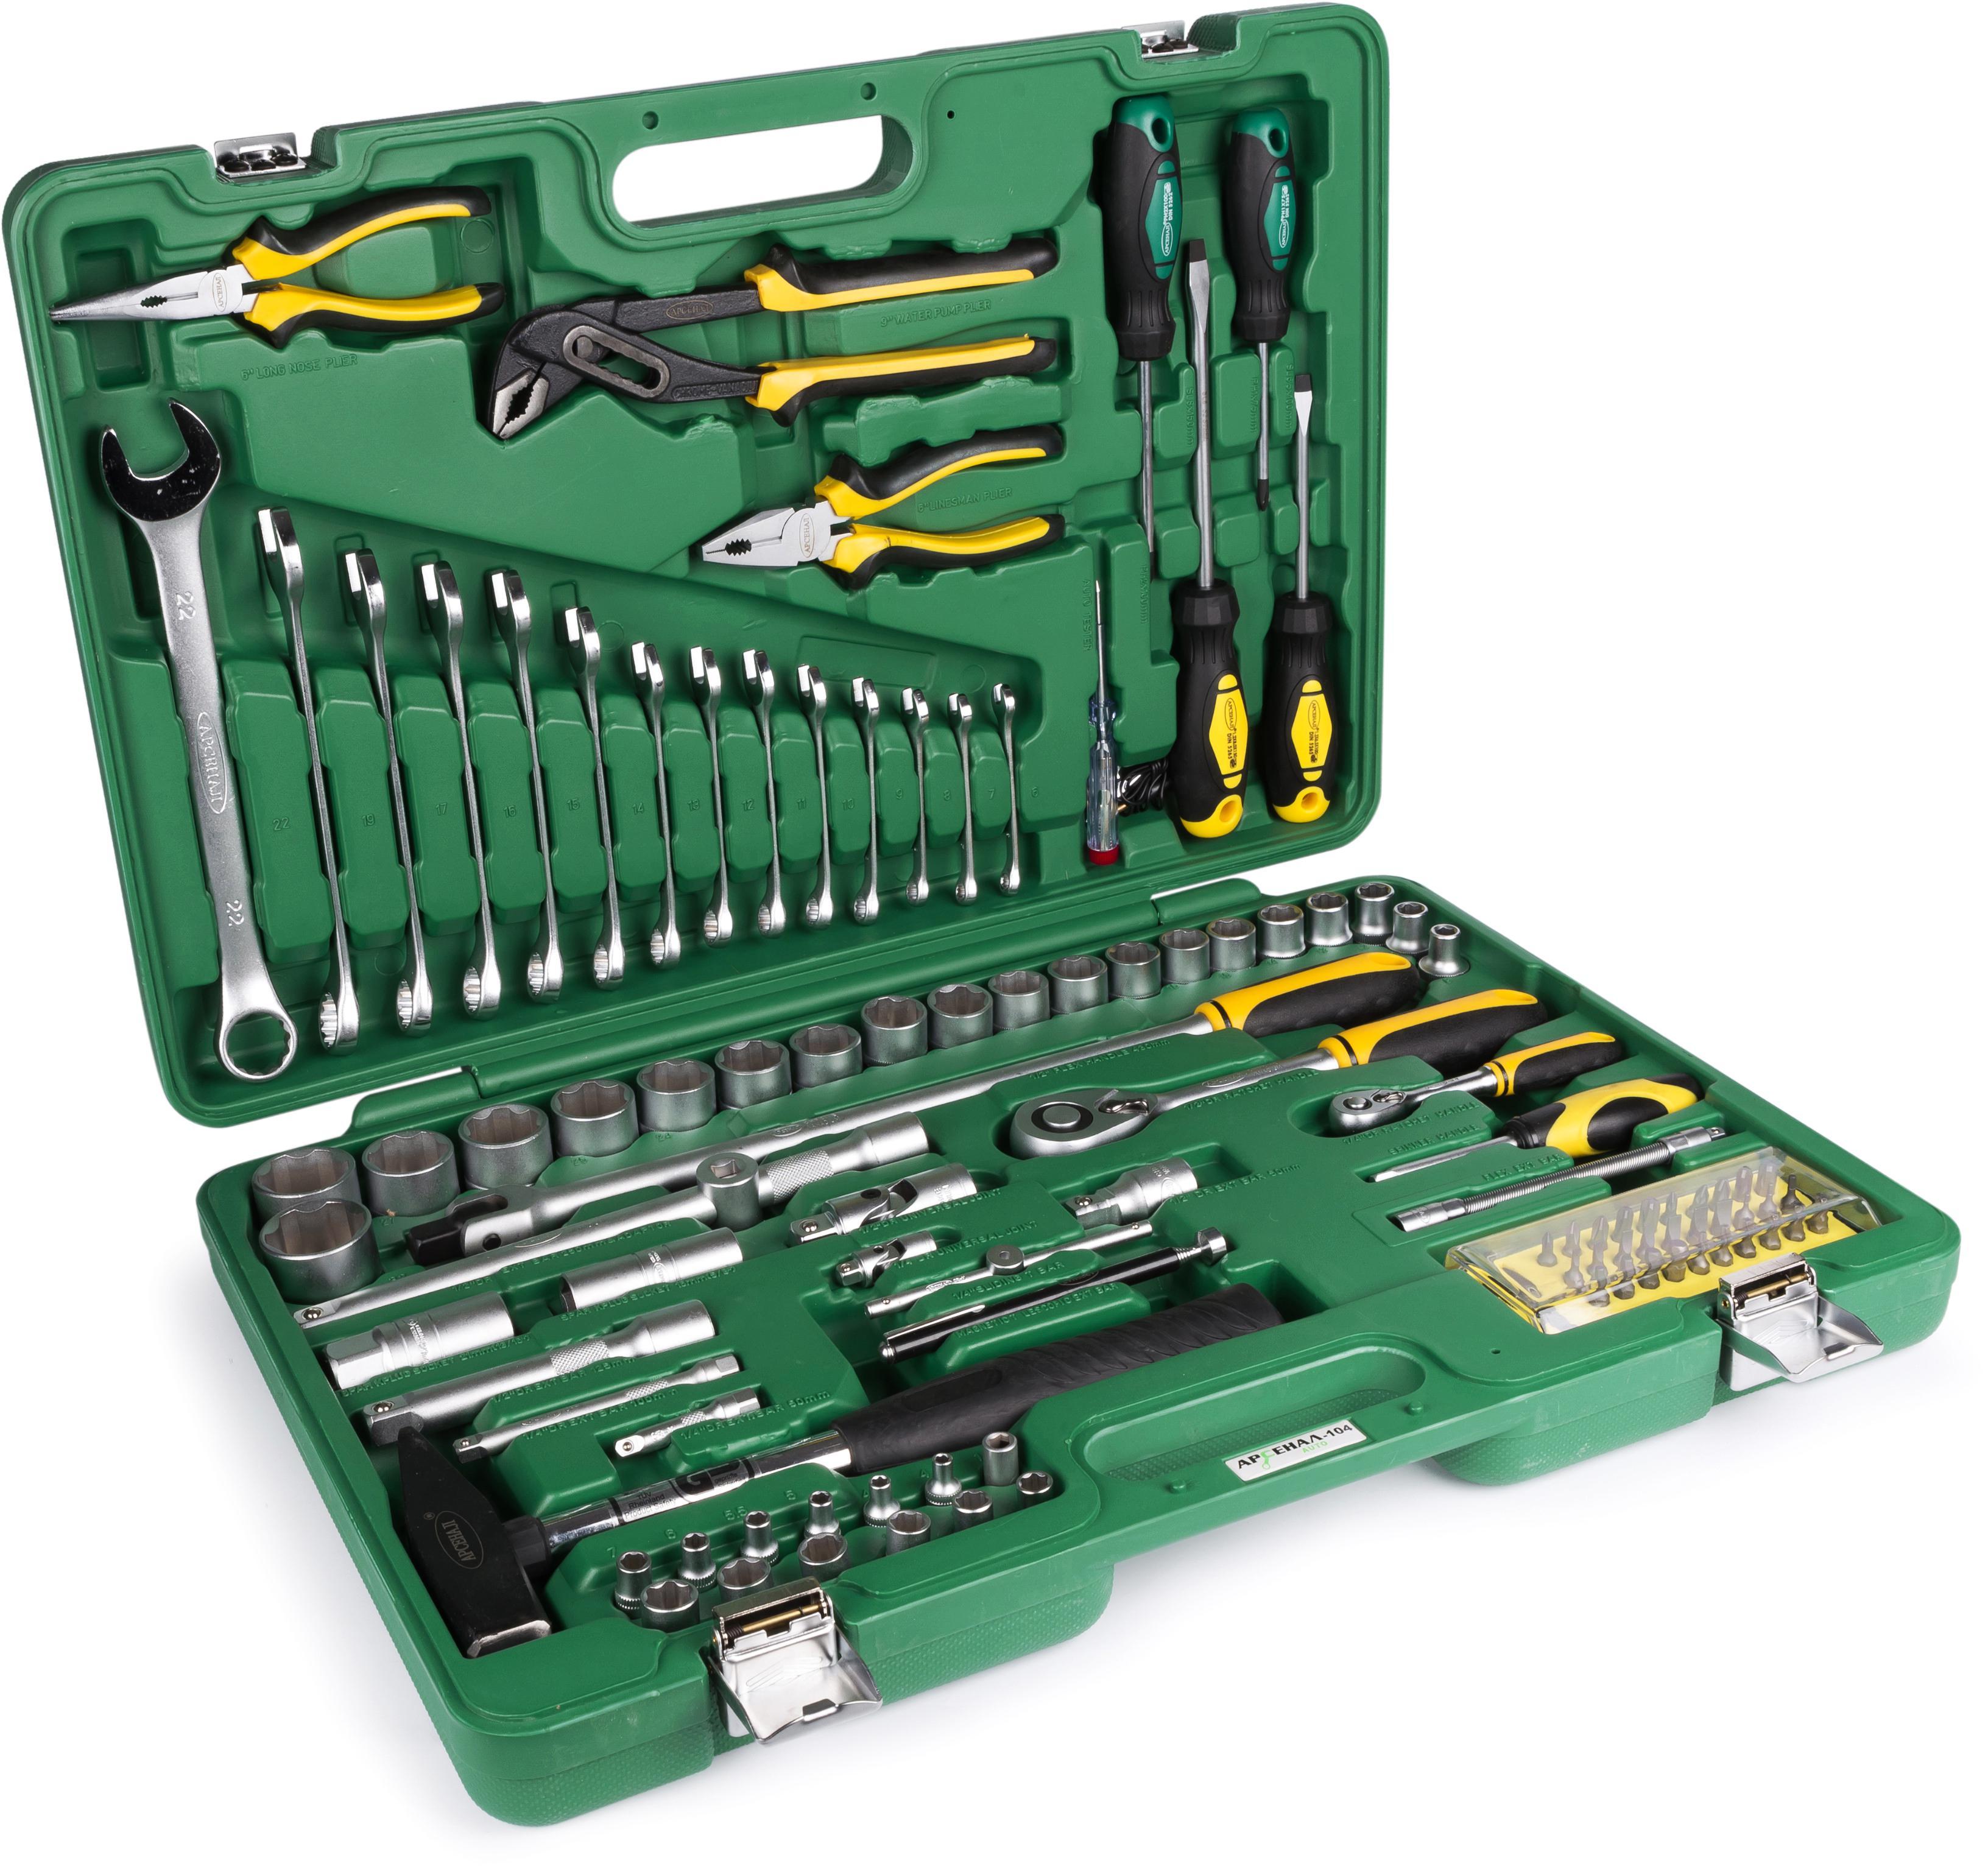 Набор инструментов универсальный АРСЕНАЛ Aa-c1412p104 набор инструментов арсенал 1920850 aa c1412l90